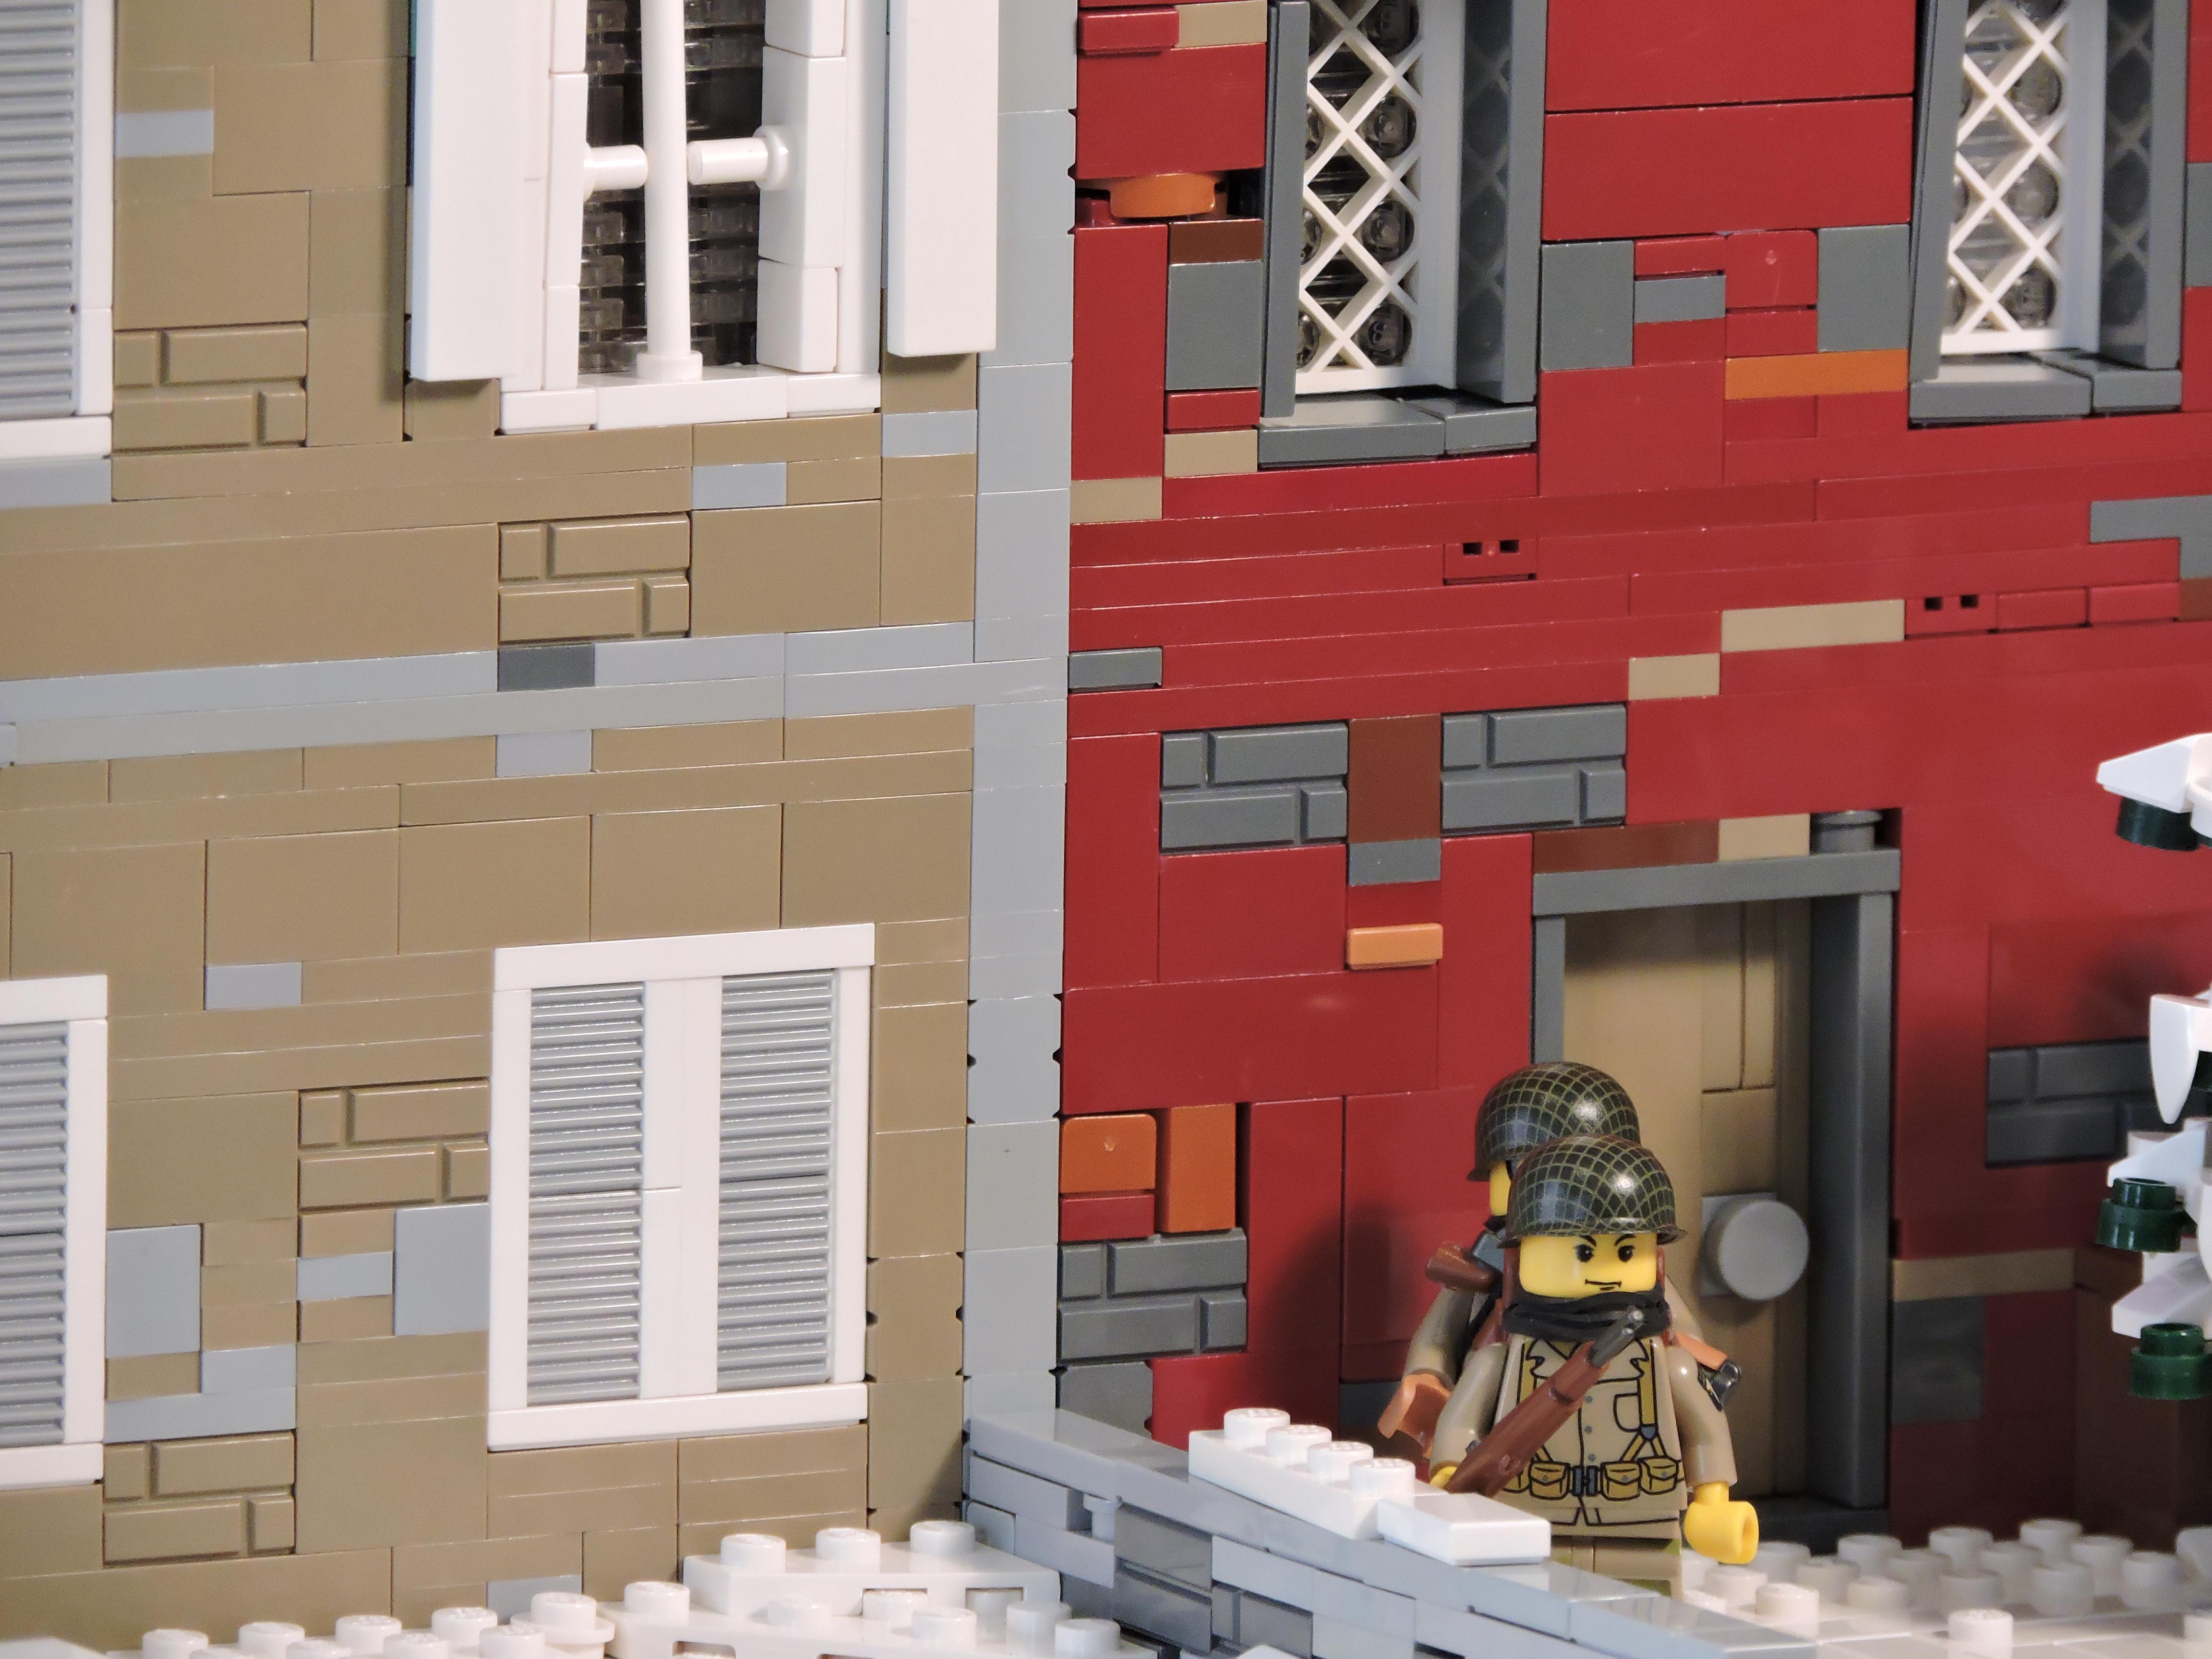 Hintergrundbilder : Fenster, die Architektur, Schnee, Krieg, Mauer ...